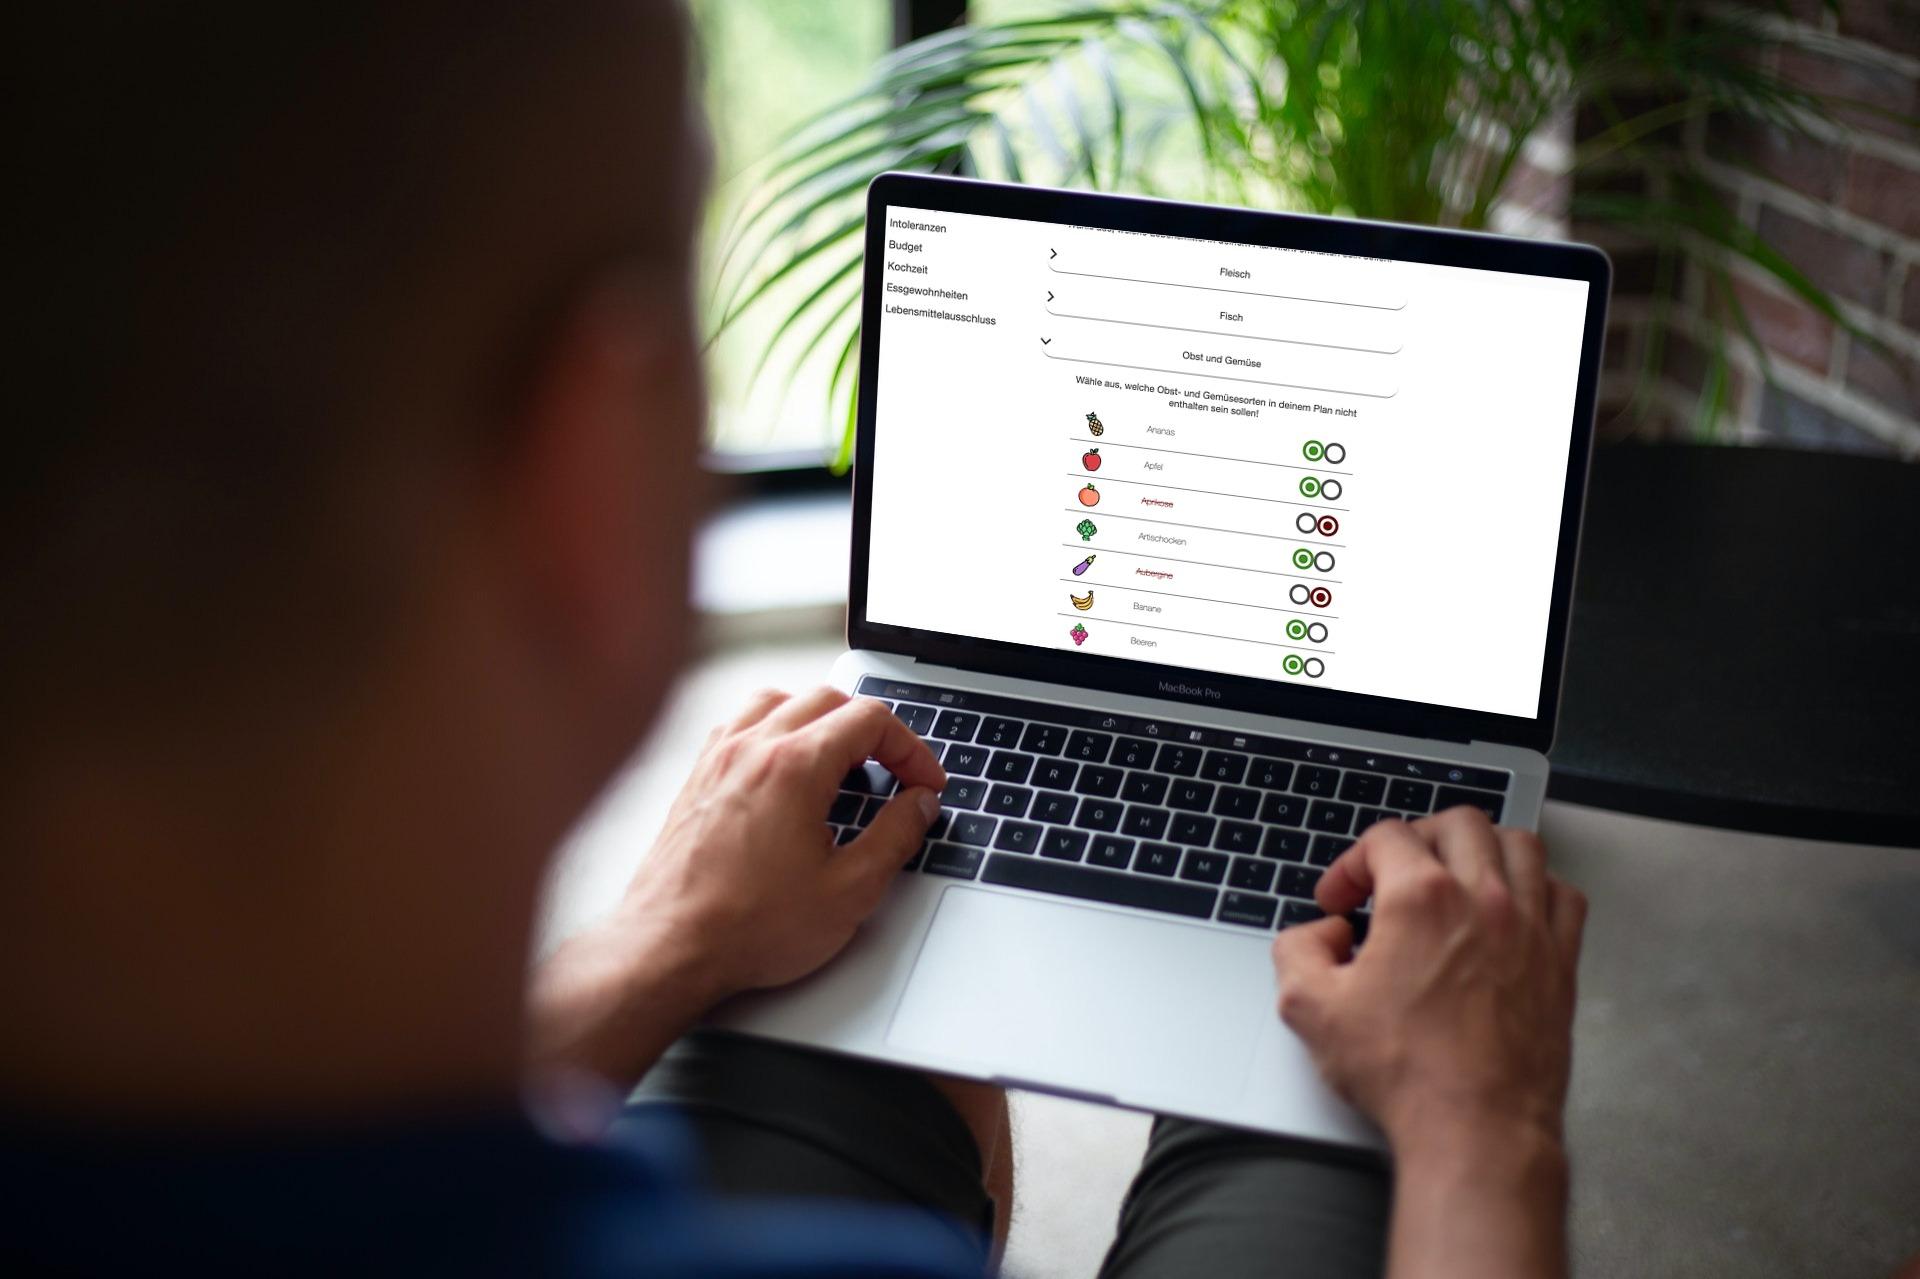 Ernährungsberater Software mit App für Ernährungscoaching - Ernährungspläne, Rezepte, Einkaufslisten - Lebensmittelausschluss